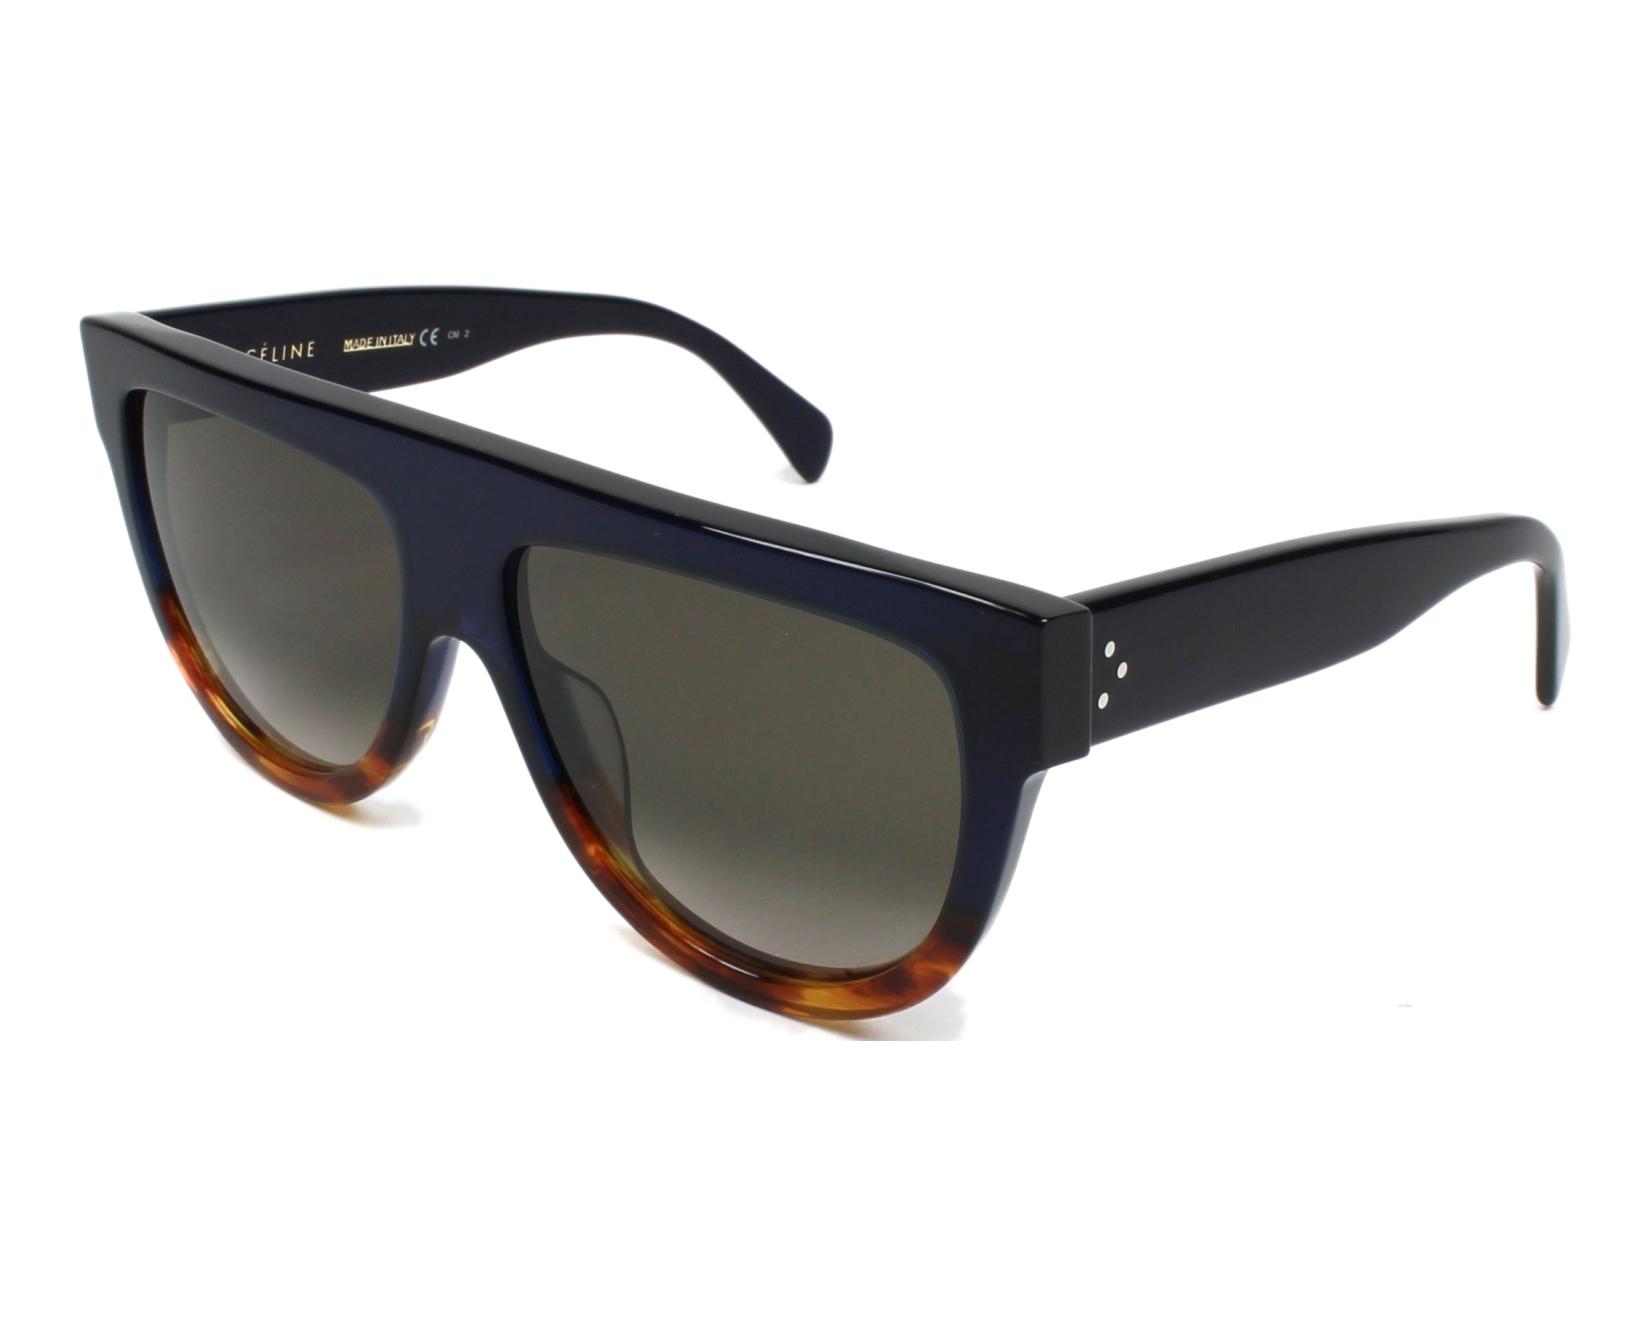 14913c1917d8 Sunglasses Céline CL-41026 QLT Z3 - Blue Havana profile view